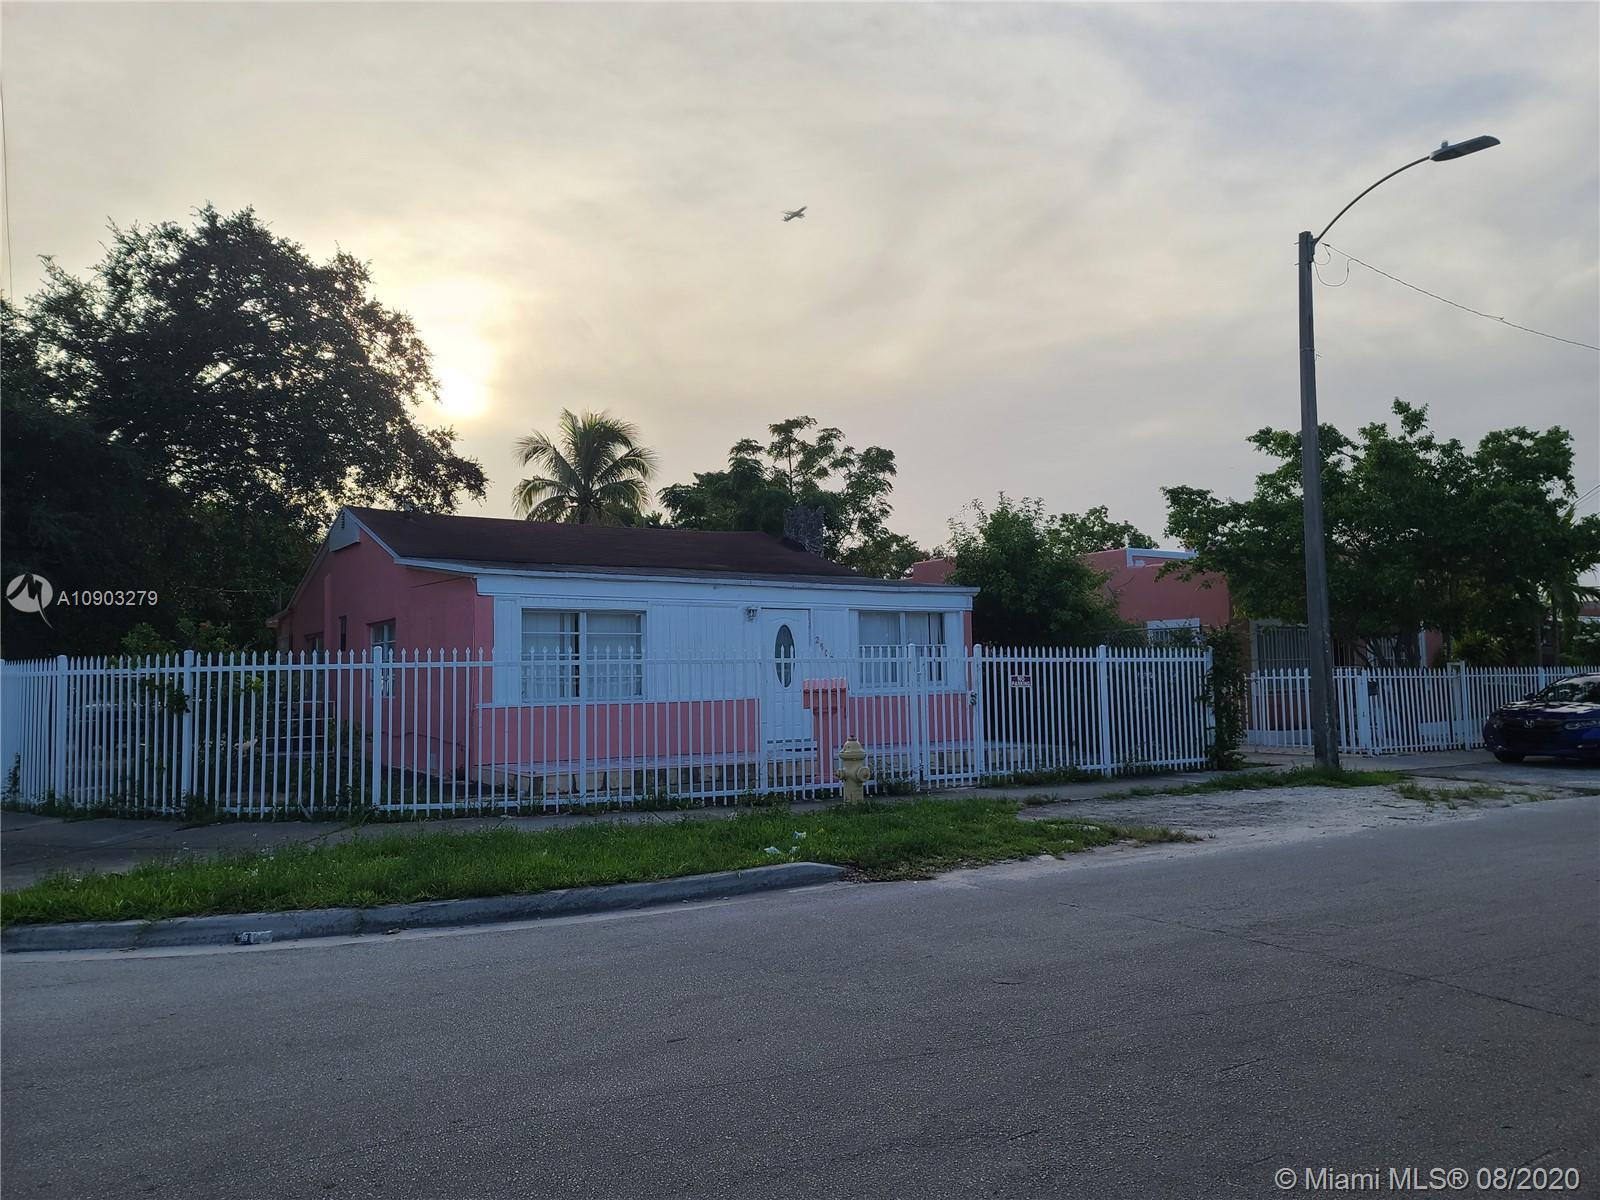 Allapattah - 2600 NW 13 AVE, Miami, FL 33142